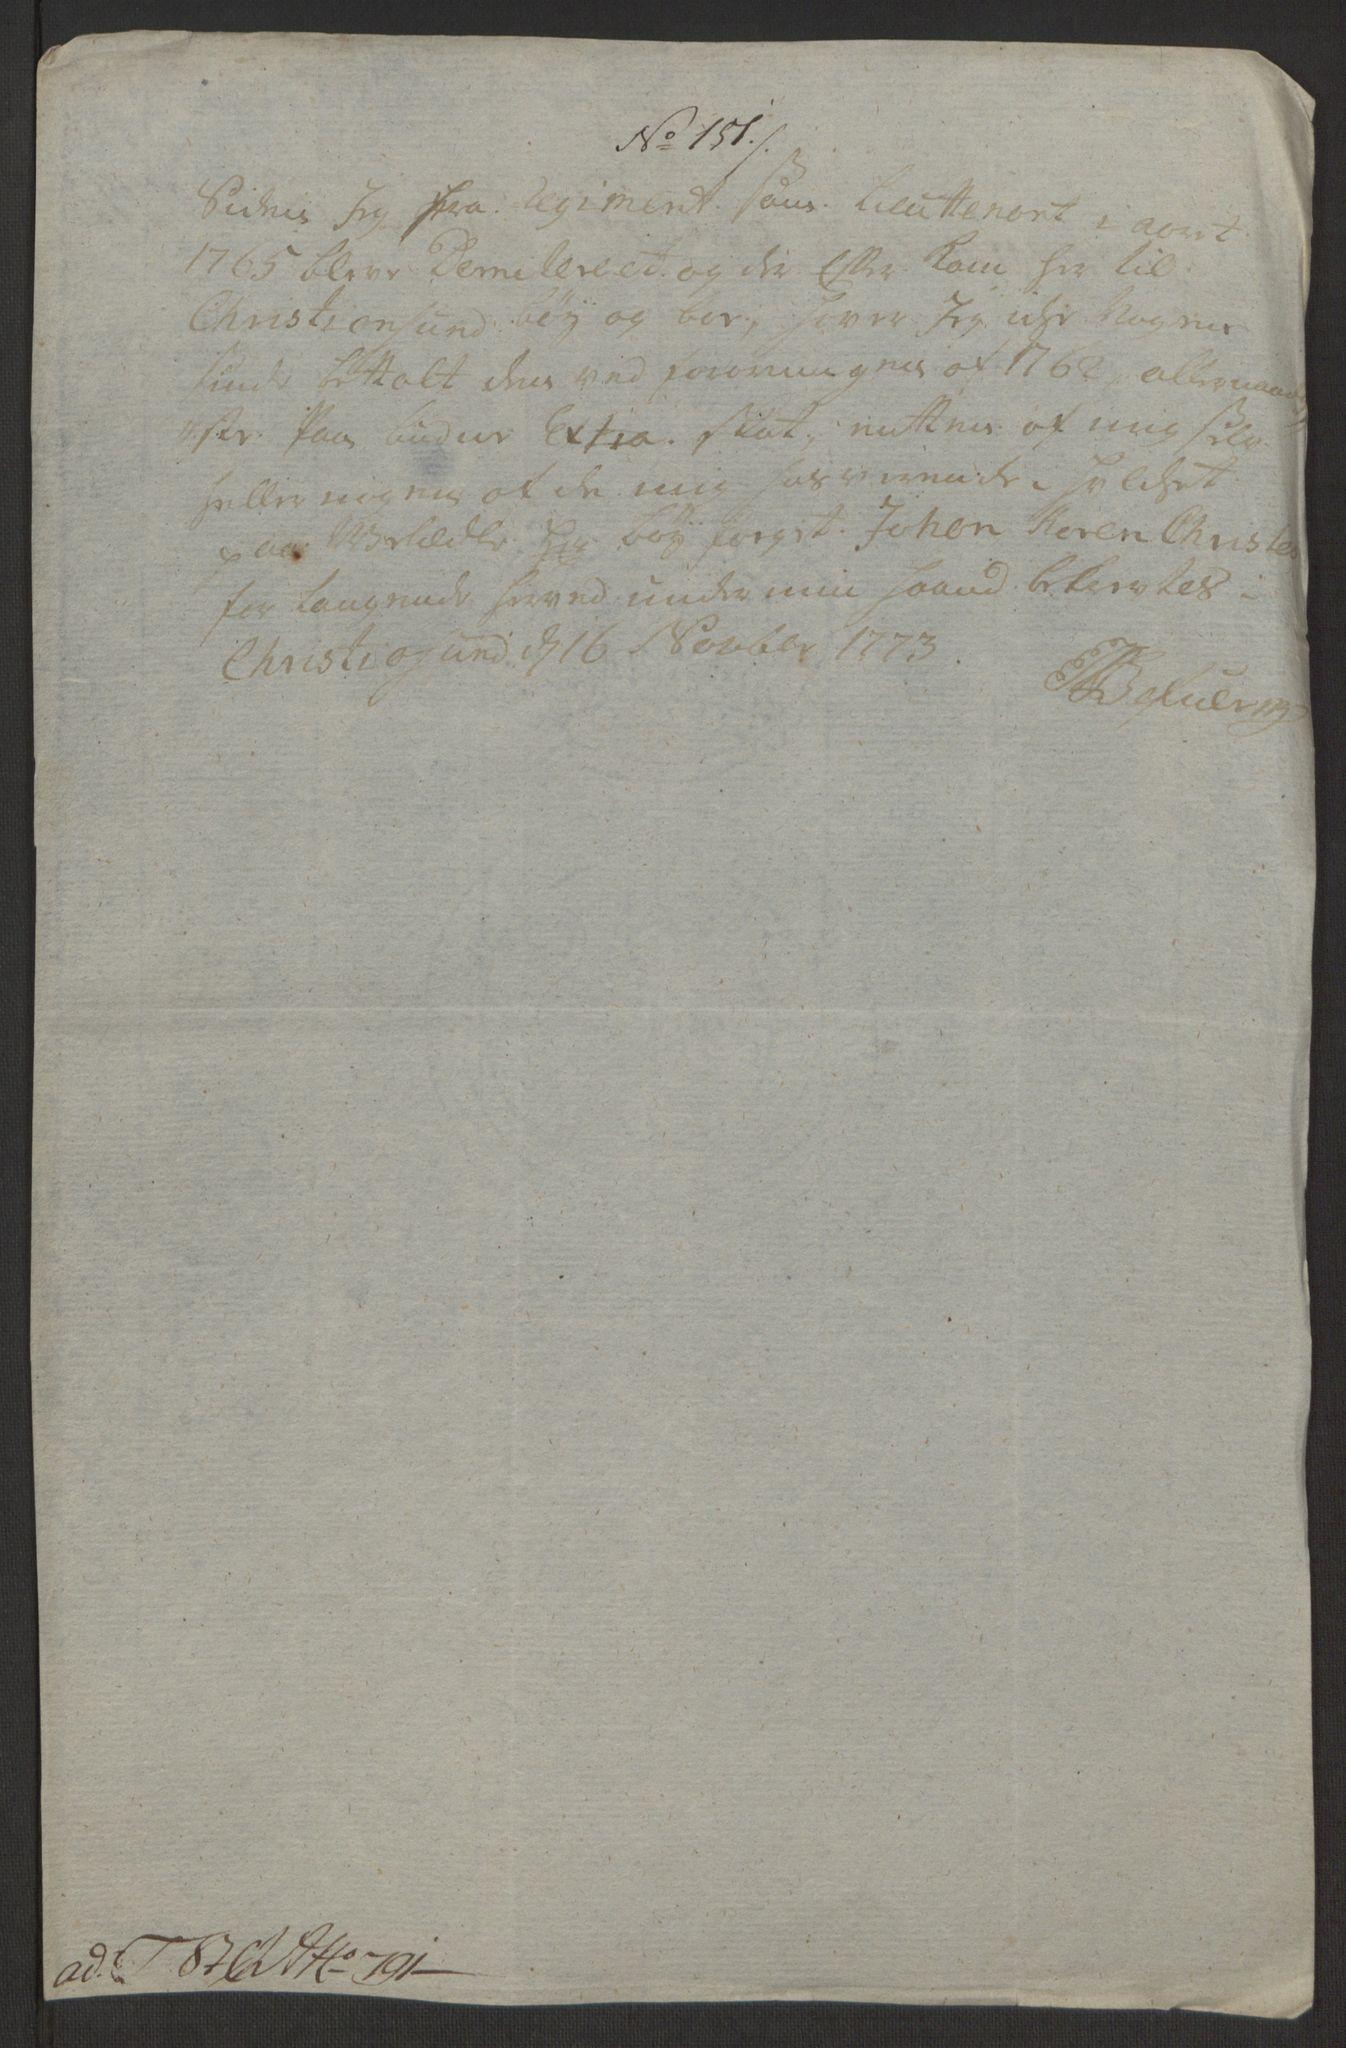 RA, Rentekammeret inntil 1814, Reviderte regnskaper, Byregnskaper, R/Rr/L0495: [R1] Kontribusjonsregnskap, 1762-1772, s. 277